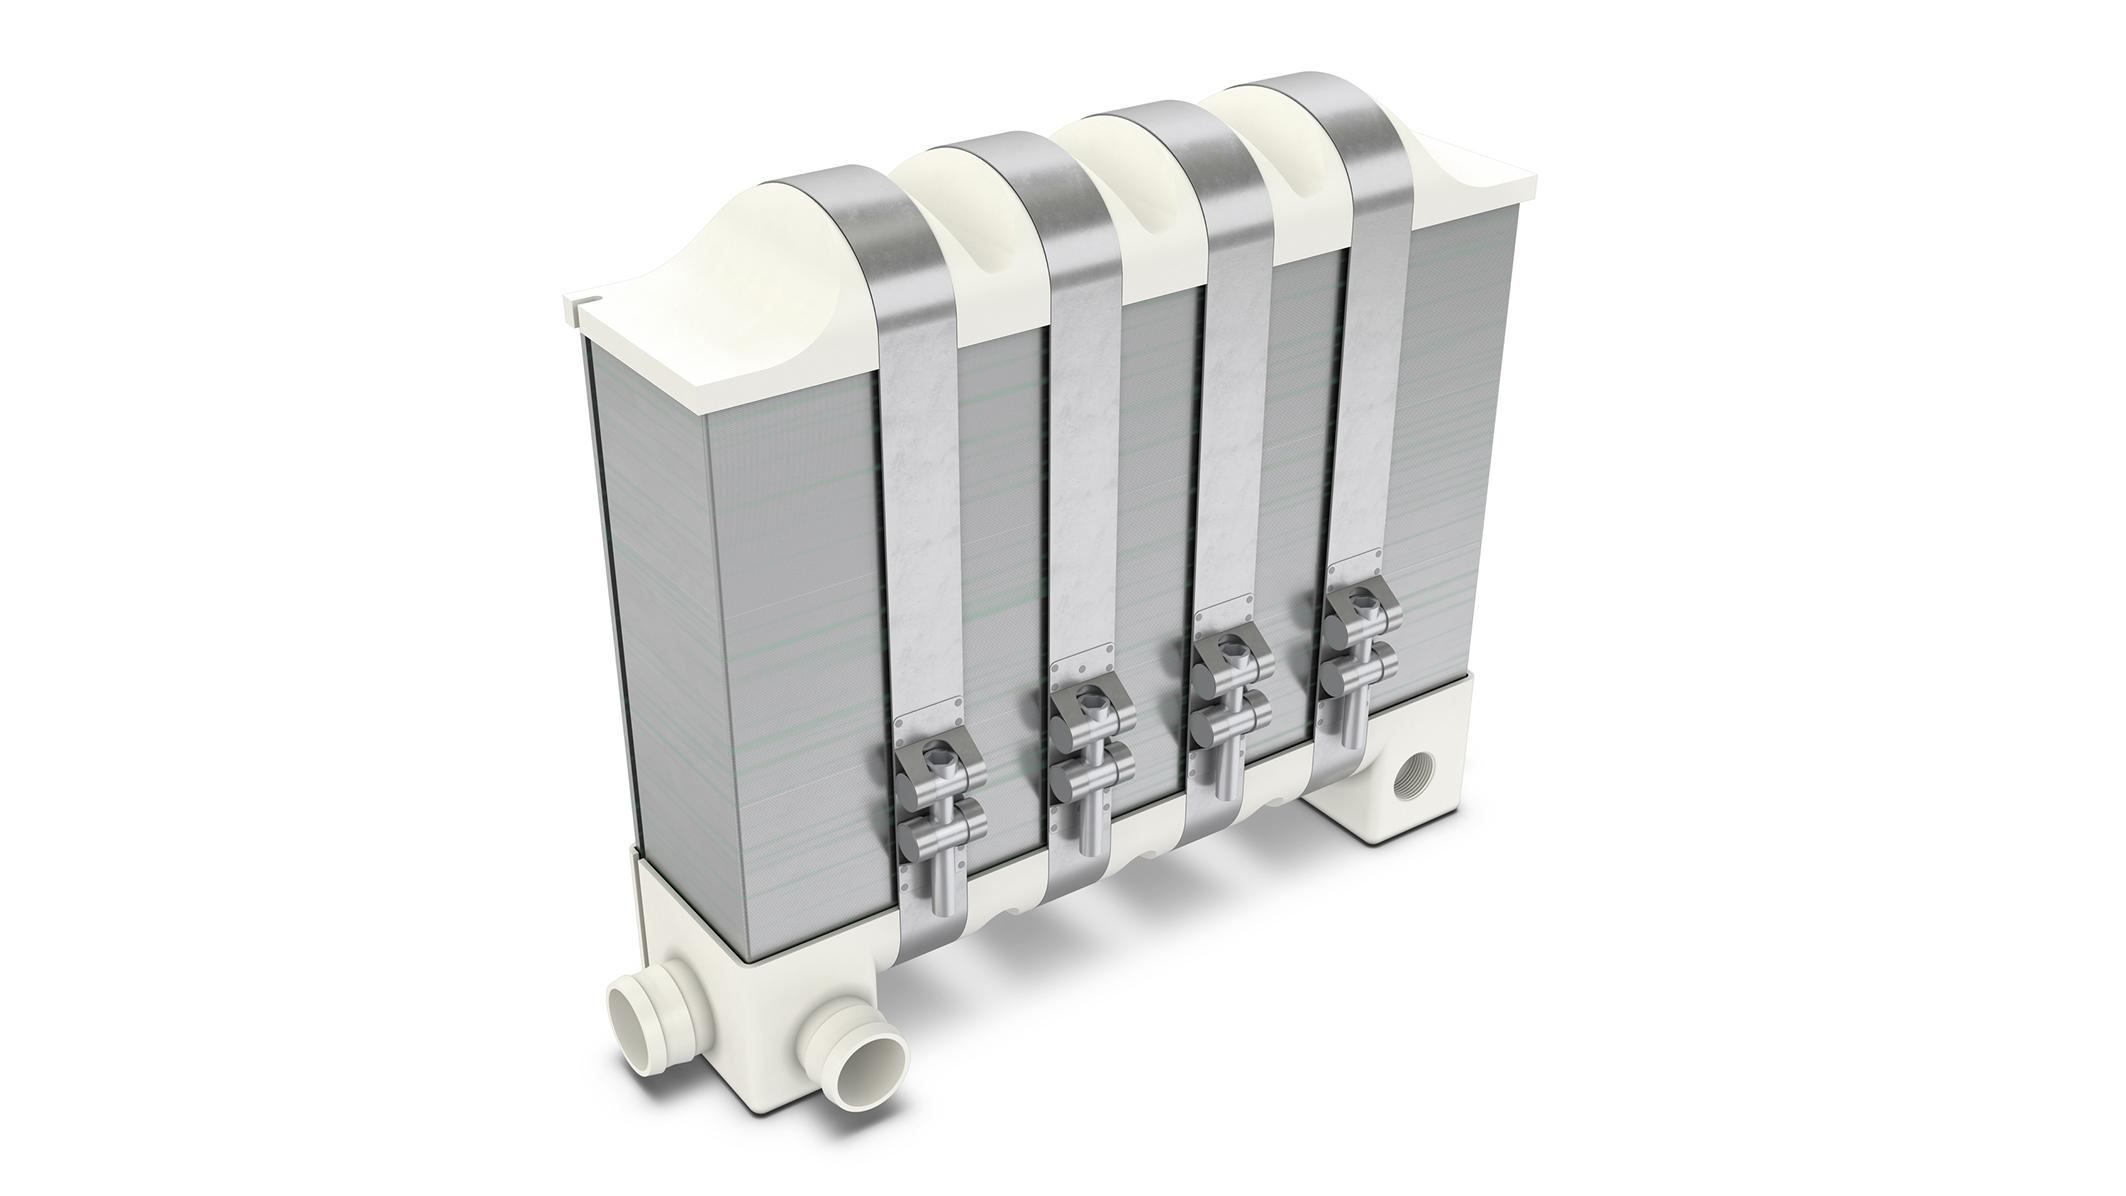 Schaeffler 研發和製造氫燃料電池的關鍵部件